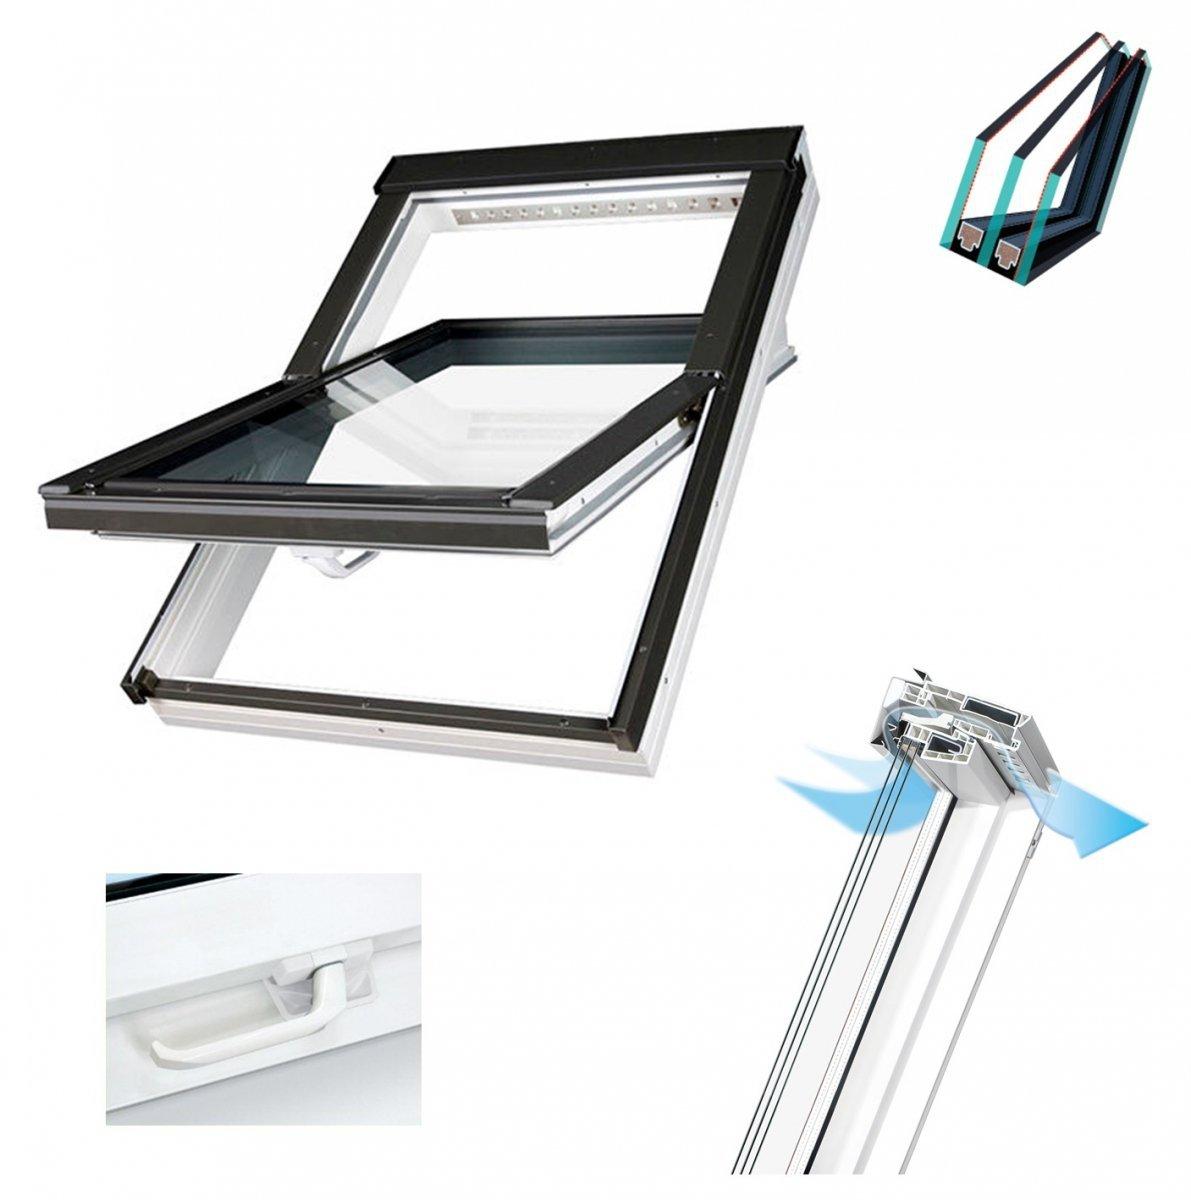 Dachfenster fakro ptp v u4 3 fach verglasung schwingfenster energiesparende uw 1 1 ug 7 w m k - Dachfenster 3 fach verglasung ...